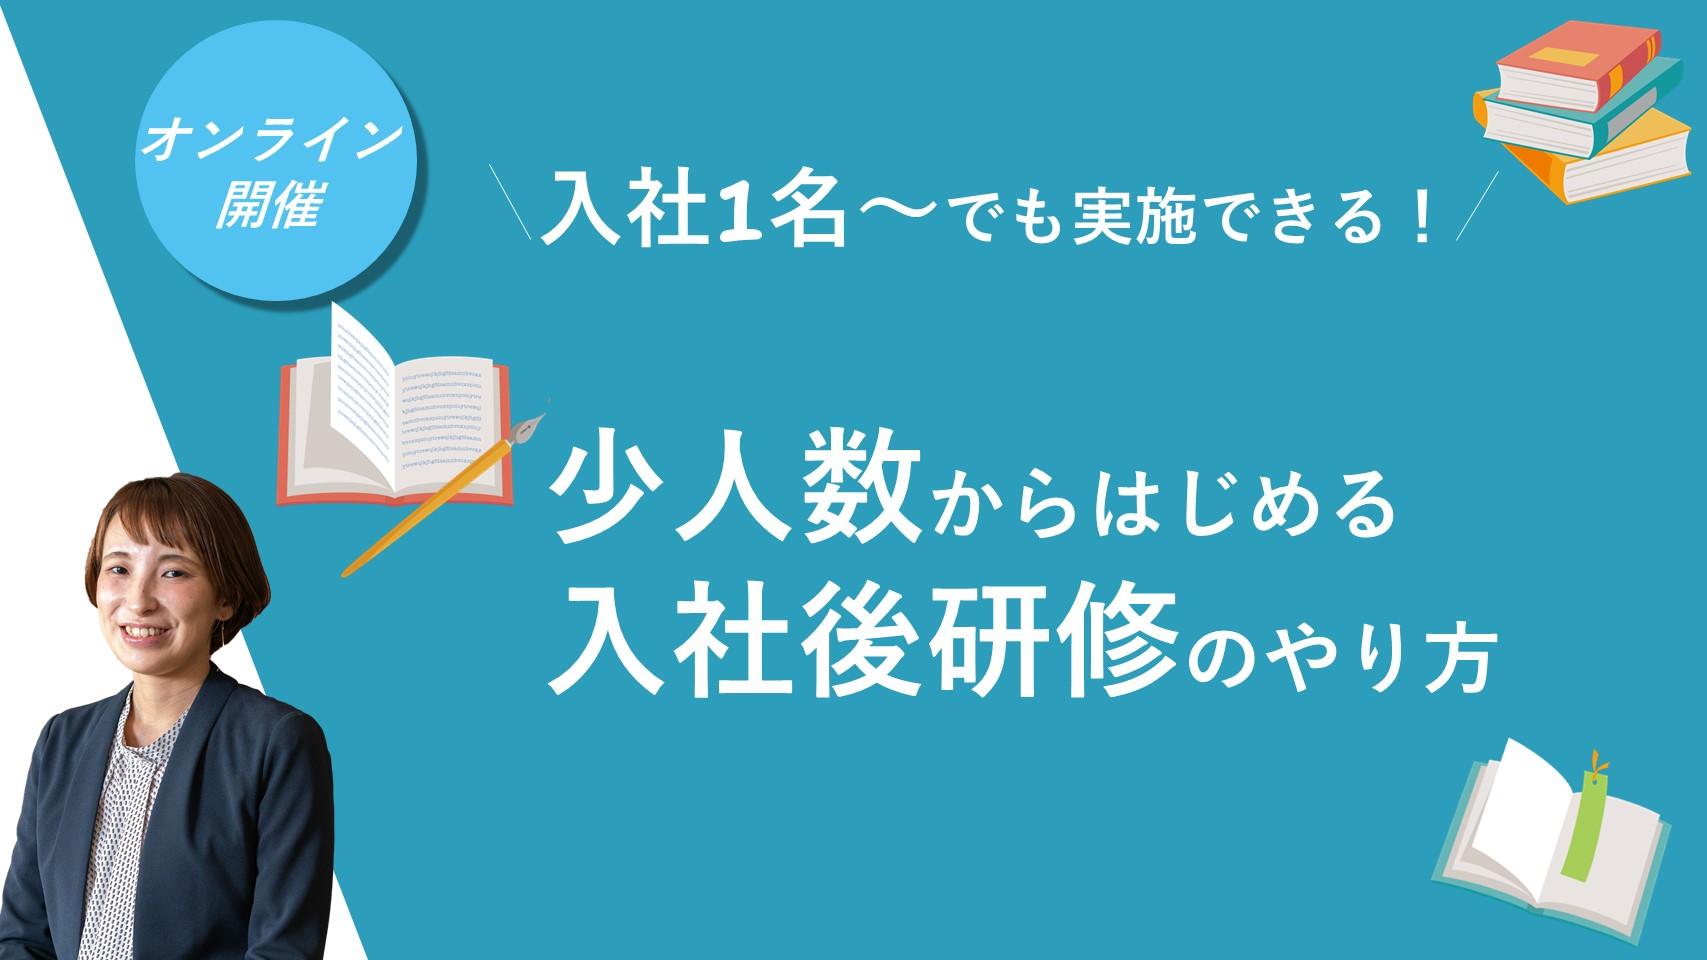 少人数からはじめる入社後研修のやり方.jpg